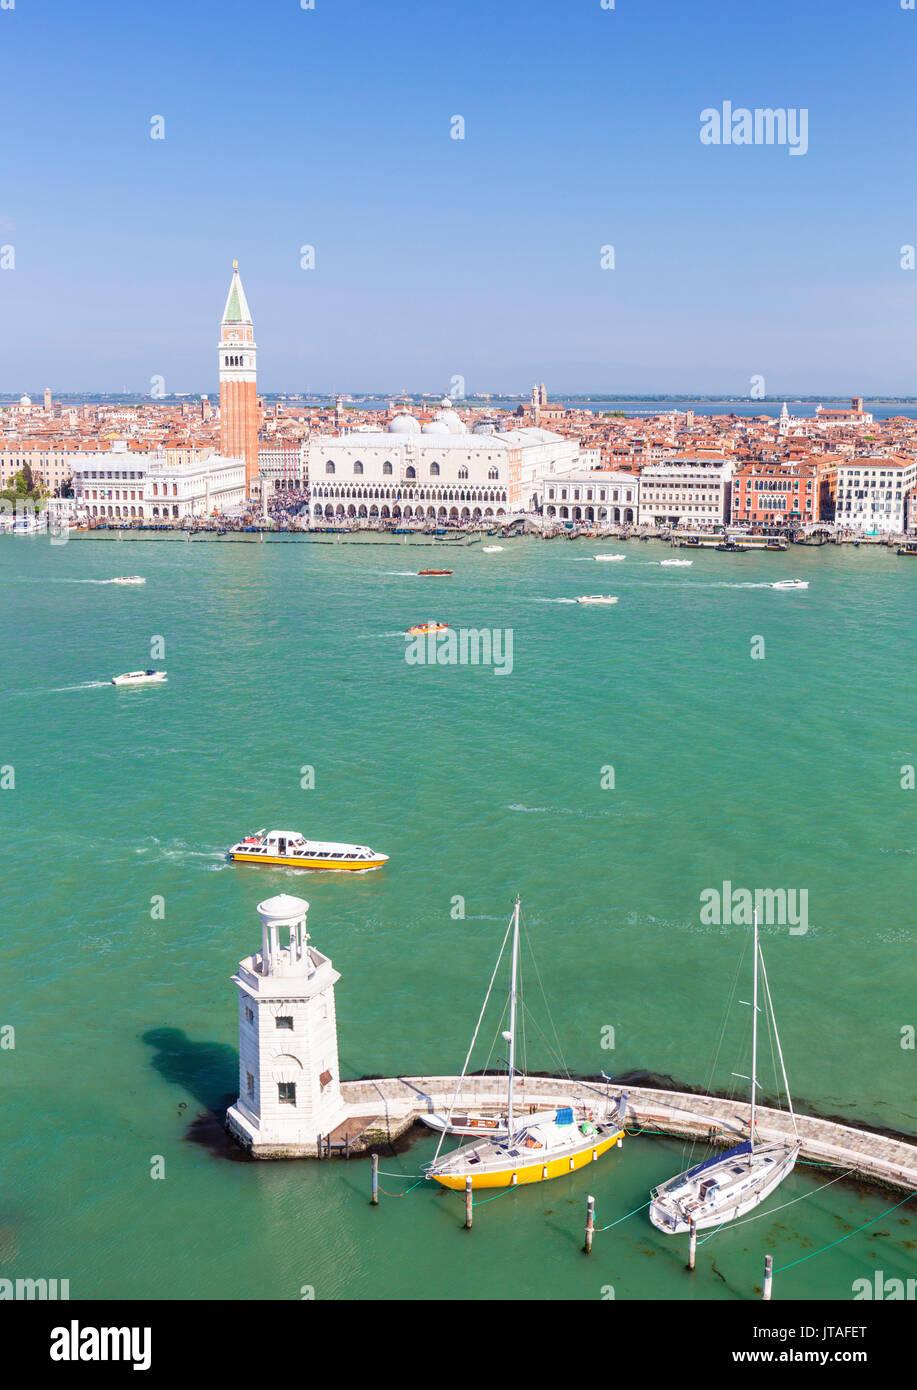 Le Campanile, Palazzo Ducale (Palais des Doges), le Bacino di San Marco (St. Bassin de marques), Venise, UNESCO World Heritage Site, Vénétie, Italie, Europe Photo Stock